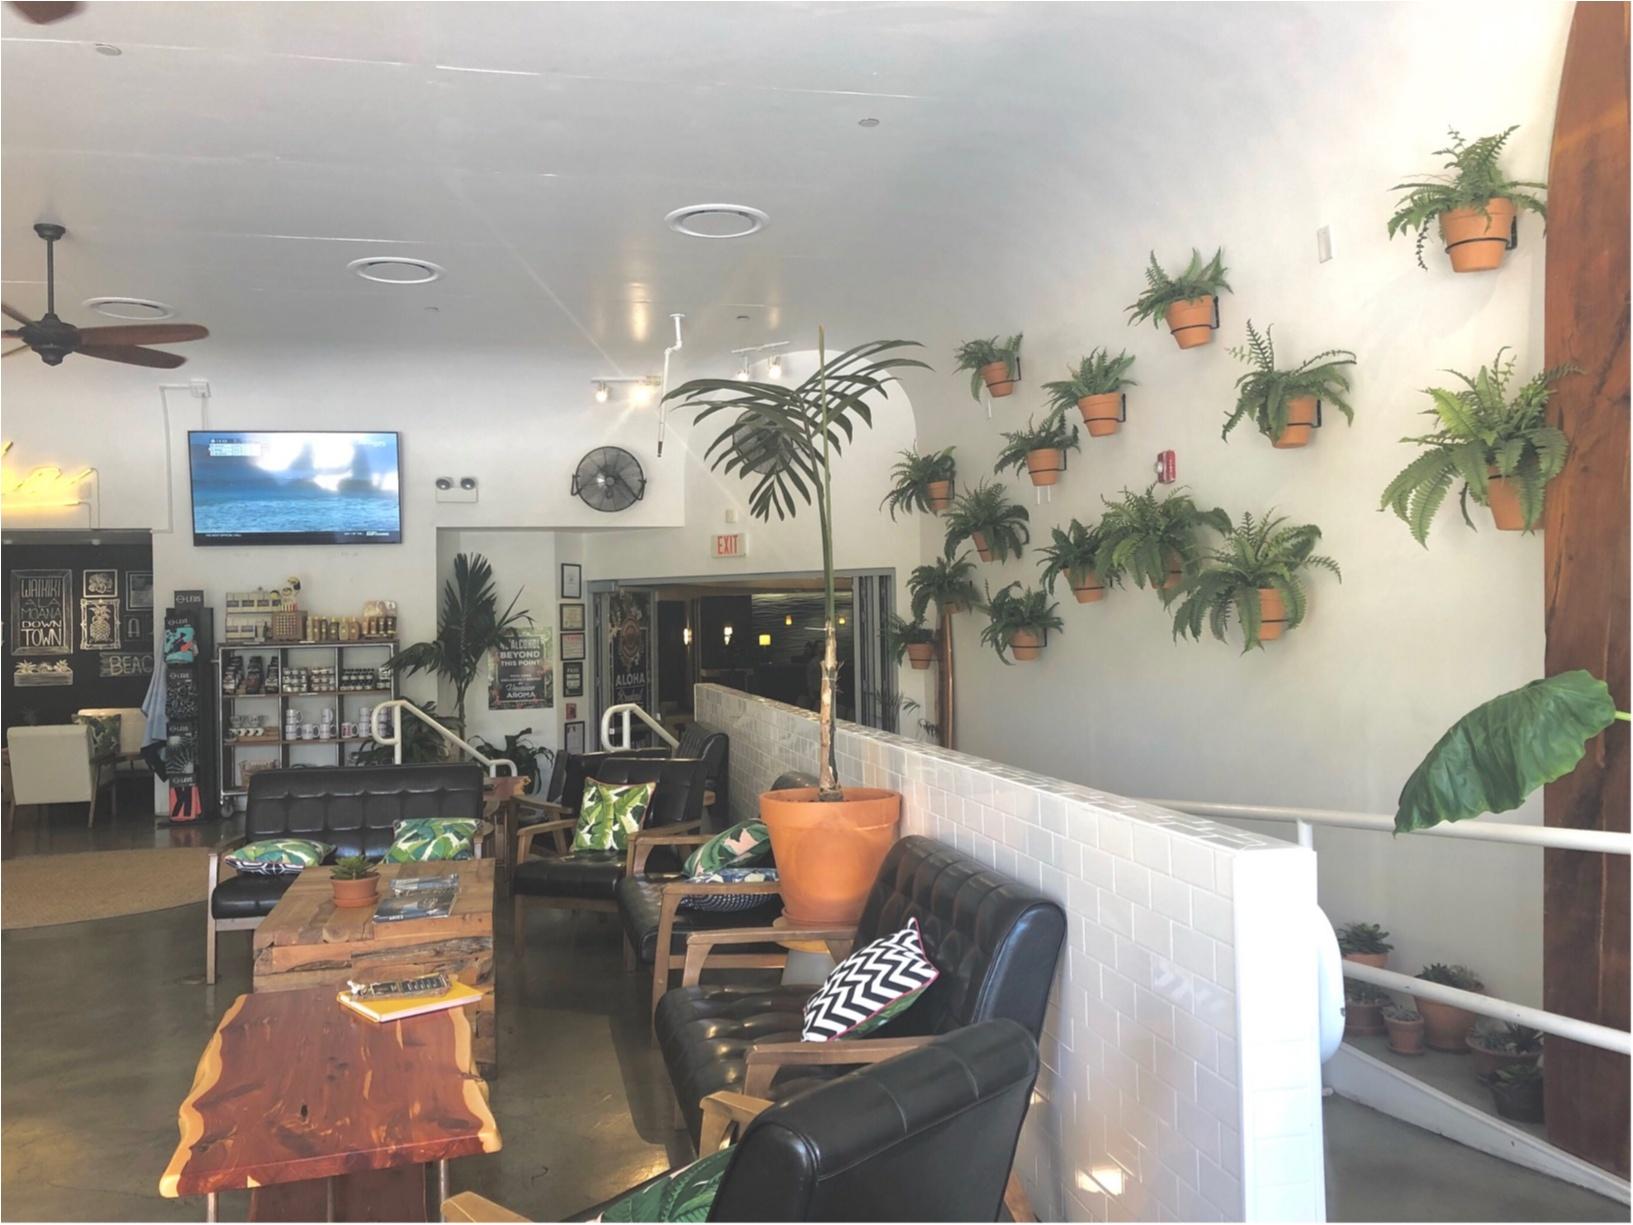 【Hawaii】おすすめ隠れ家カフェをご紹介します!!美味しいワッフルと内装が可愛いすぎる♡♡インスタ映えするフォトスペースも!?_5